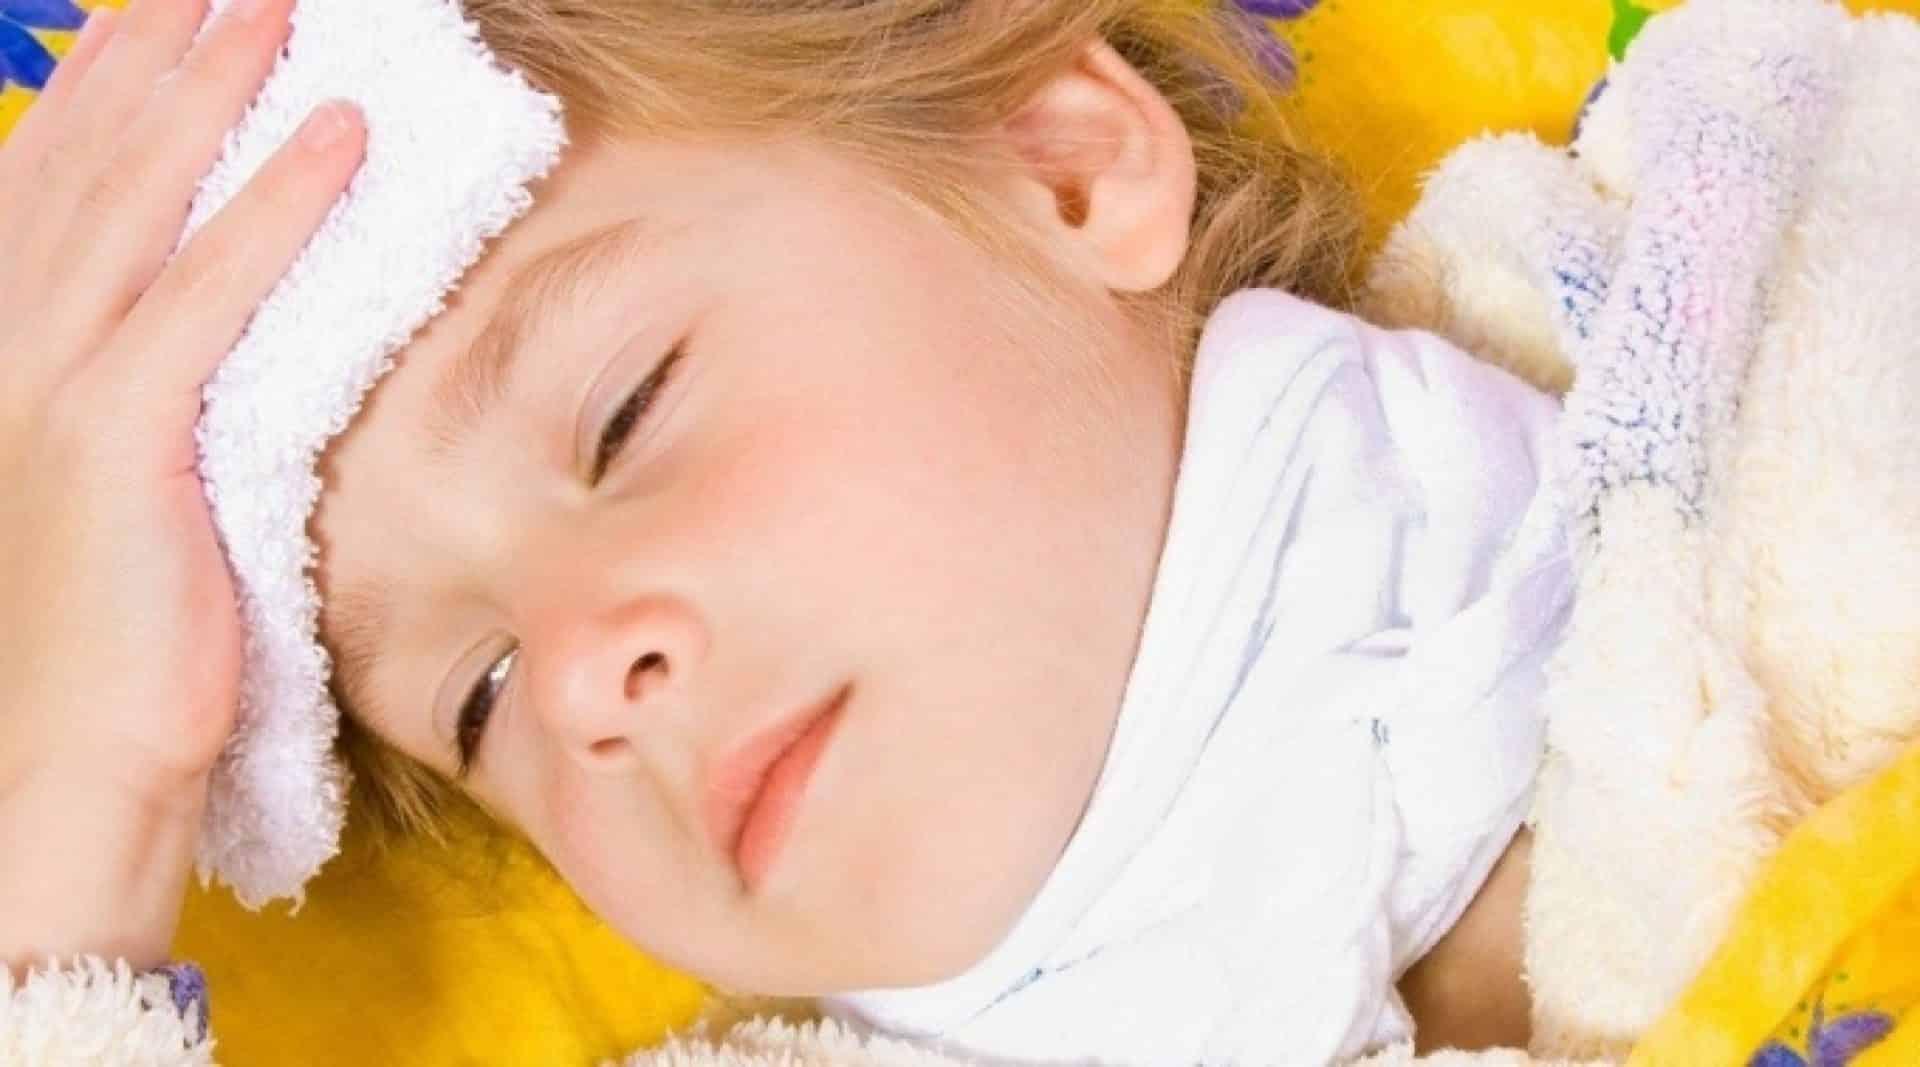 Лечение в домашних условиях: промывания, ингаляции и компрессы